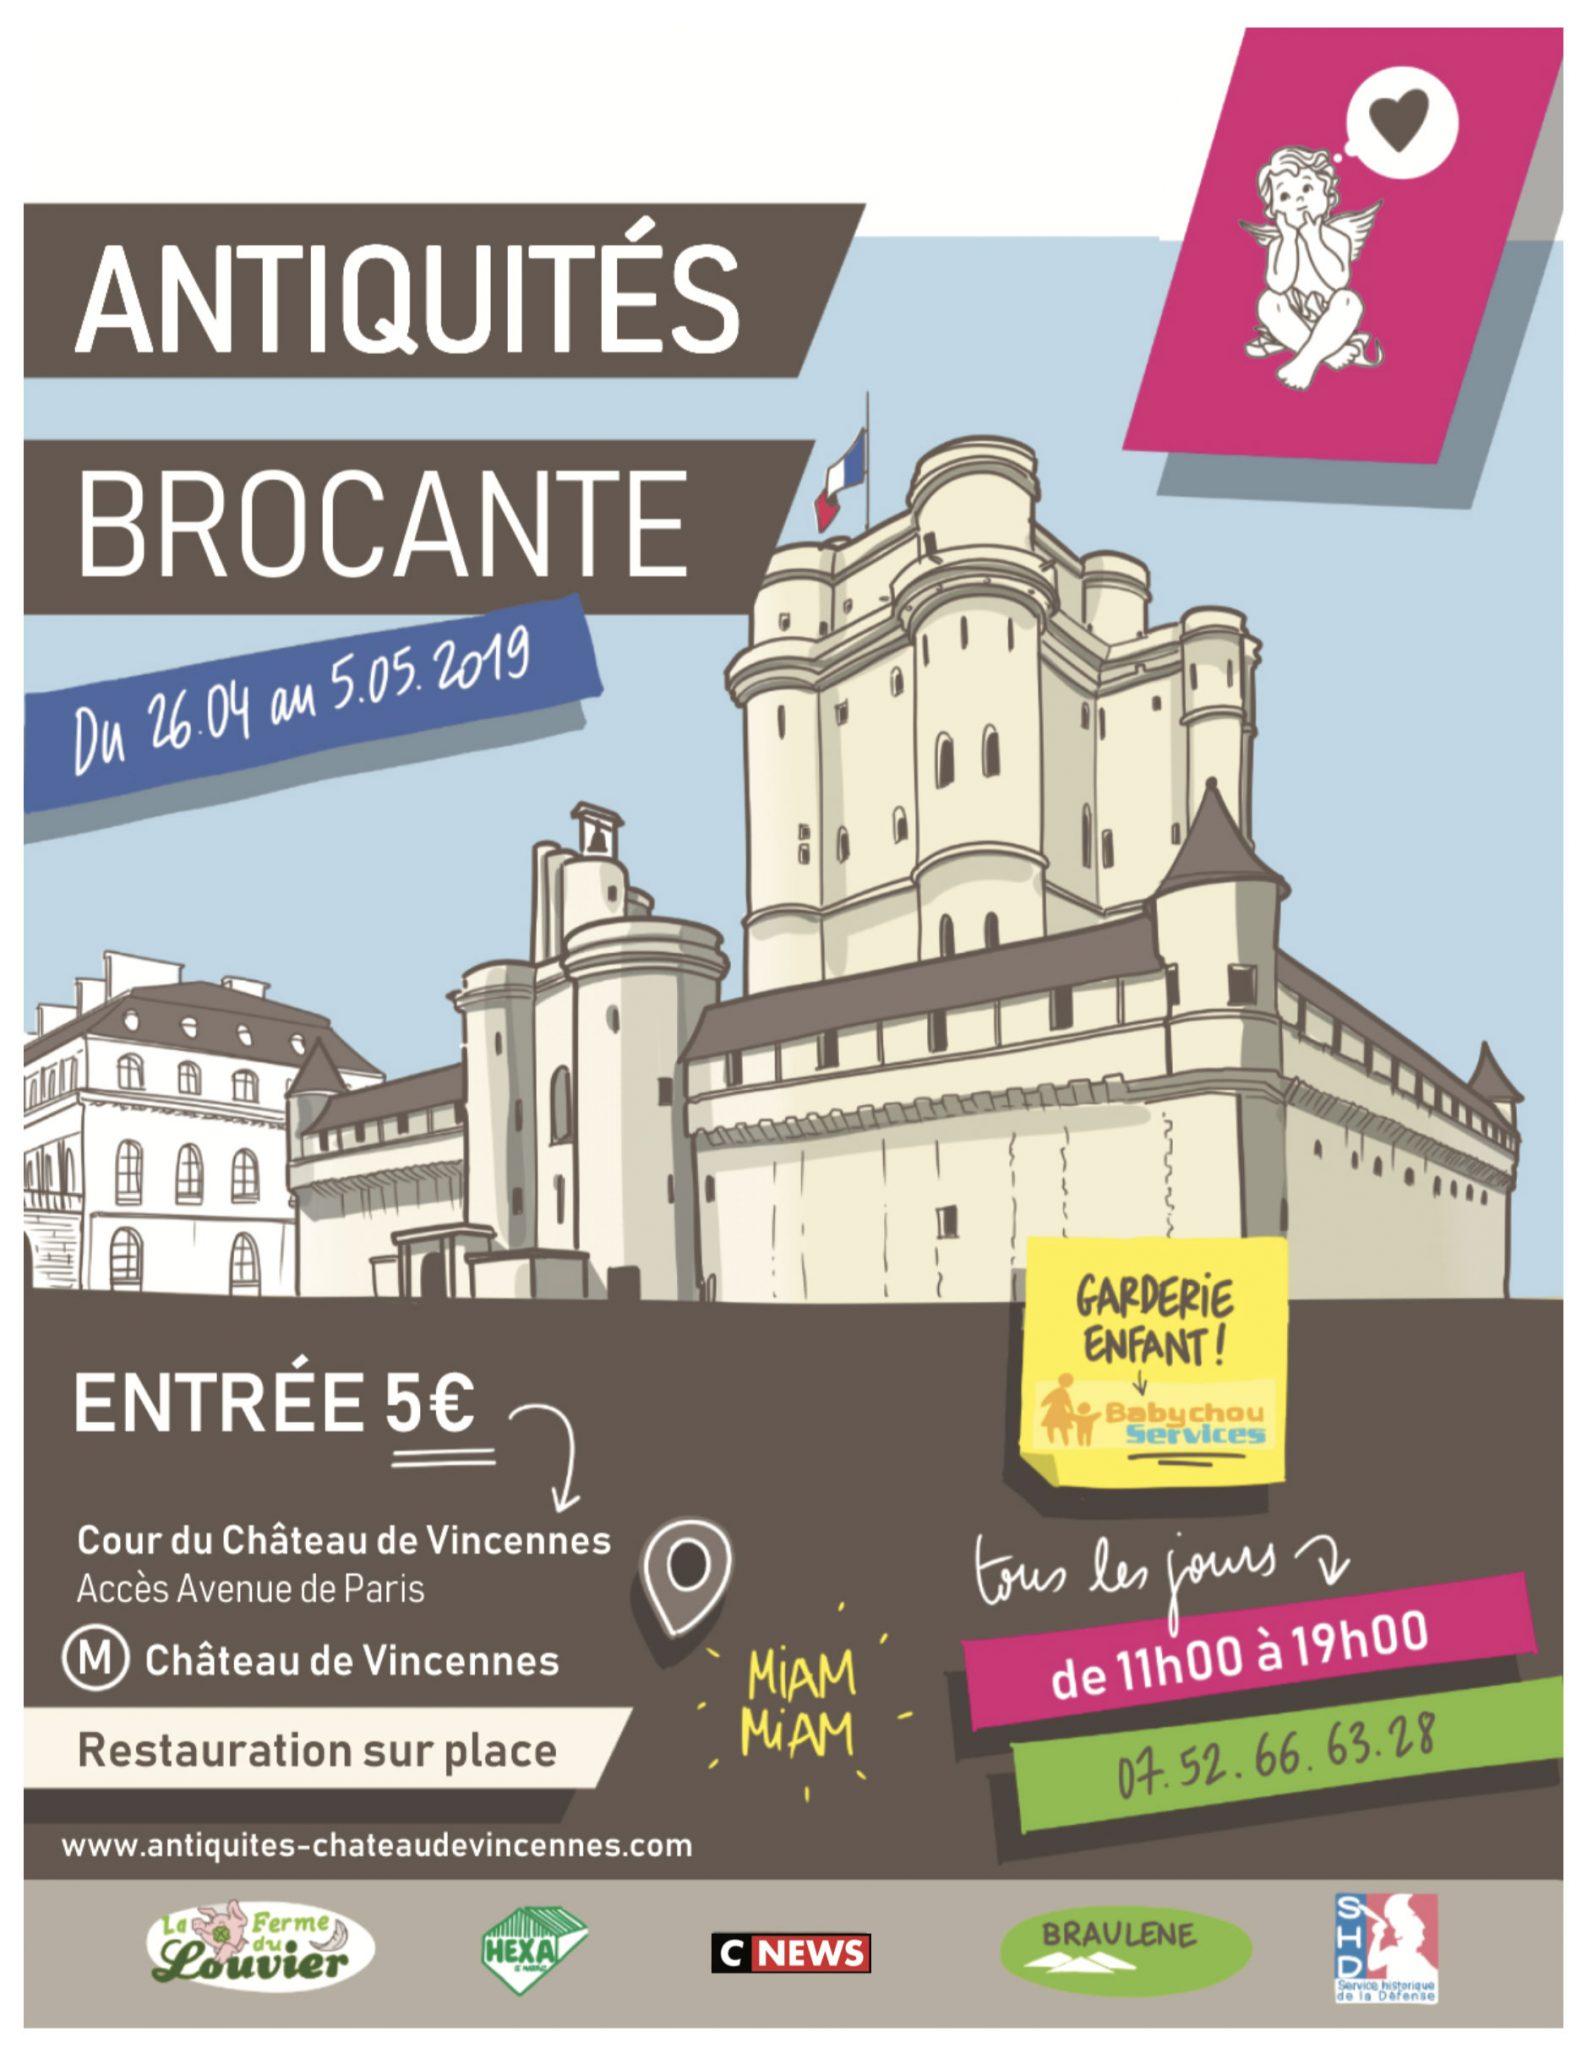 Affiche Antiquités Brocante Vincennes 2019